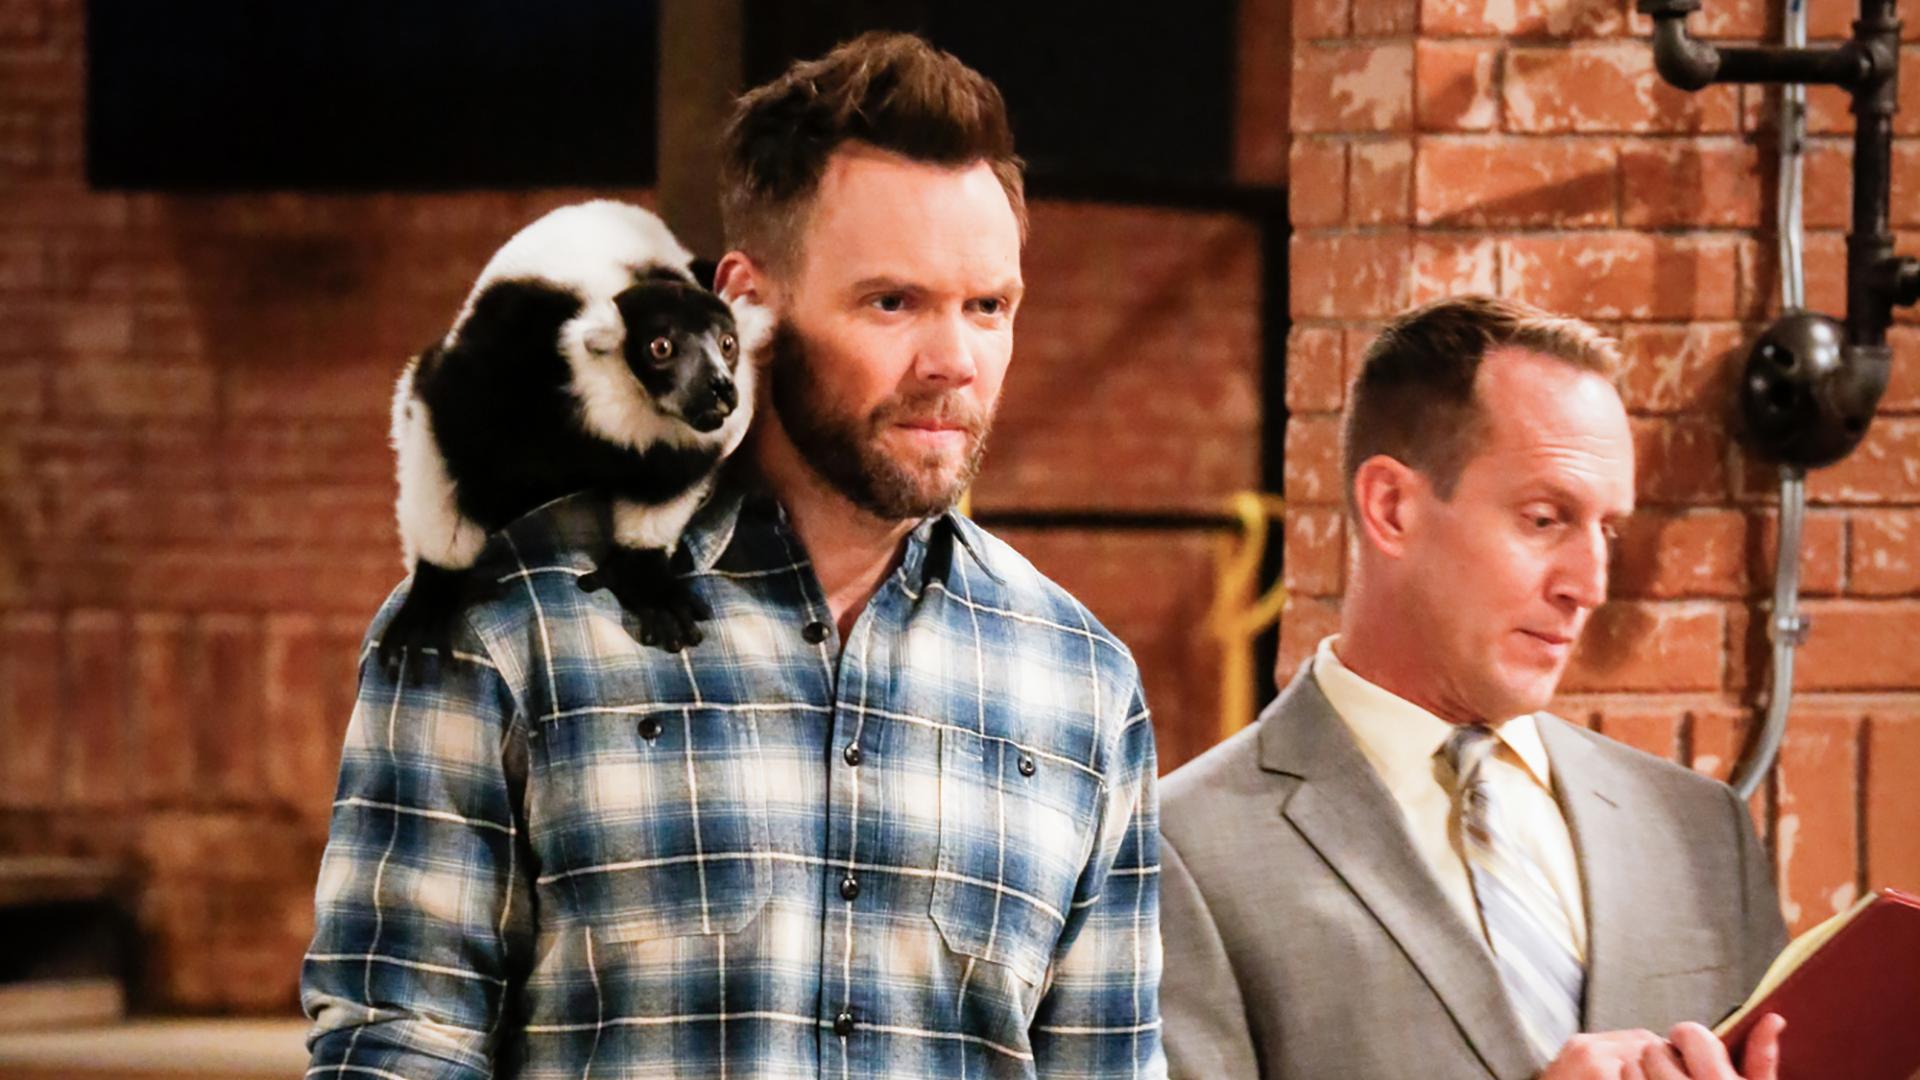 Jack saves an innocent lemur from Clark's photoshoot.